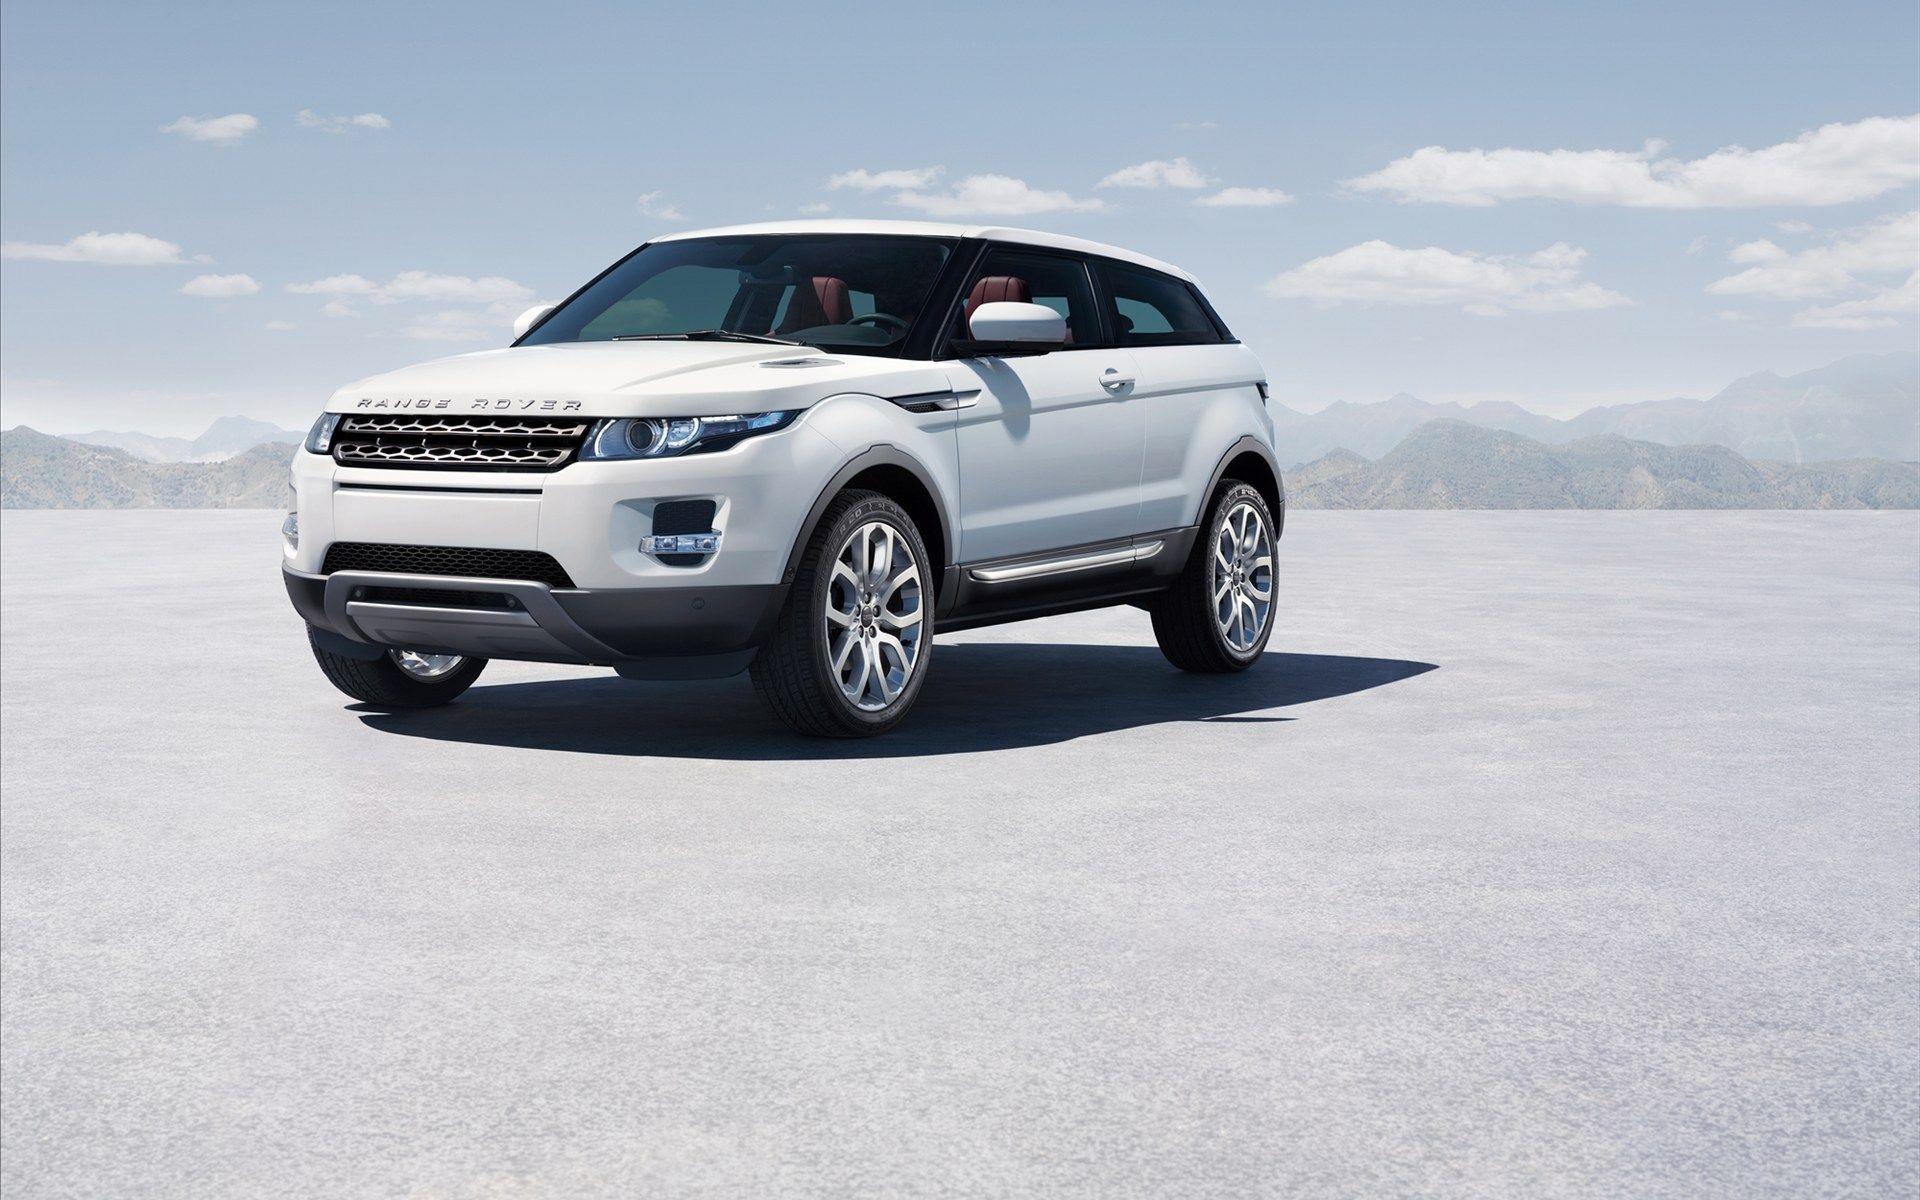 Wonderful range rover evoque wallpaper